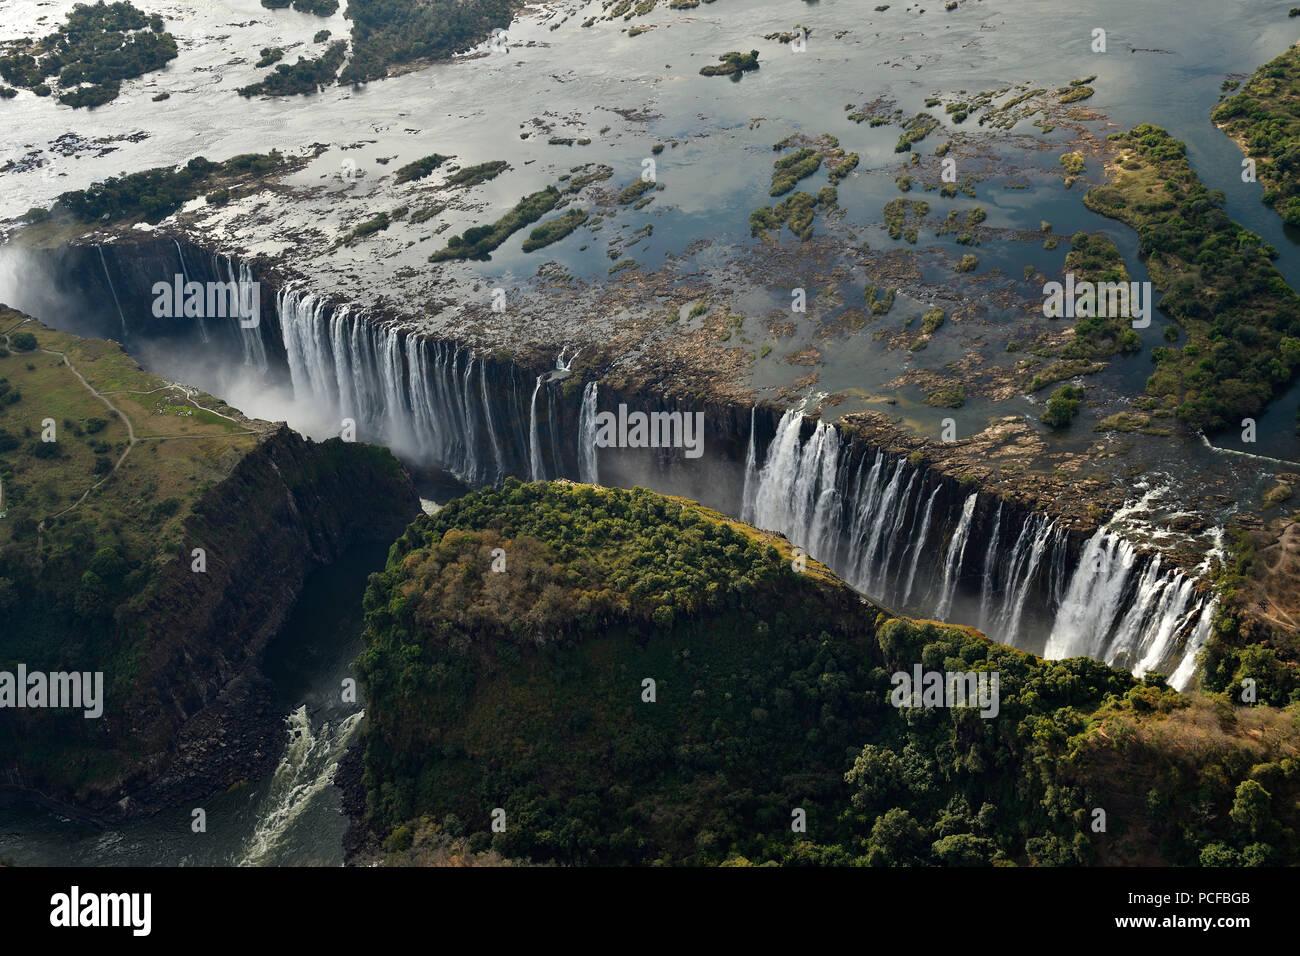 Vista aérea, Victoria Falls, Zimbabwe, África Imagen De Stock